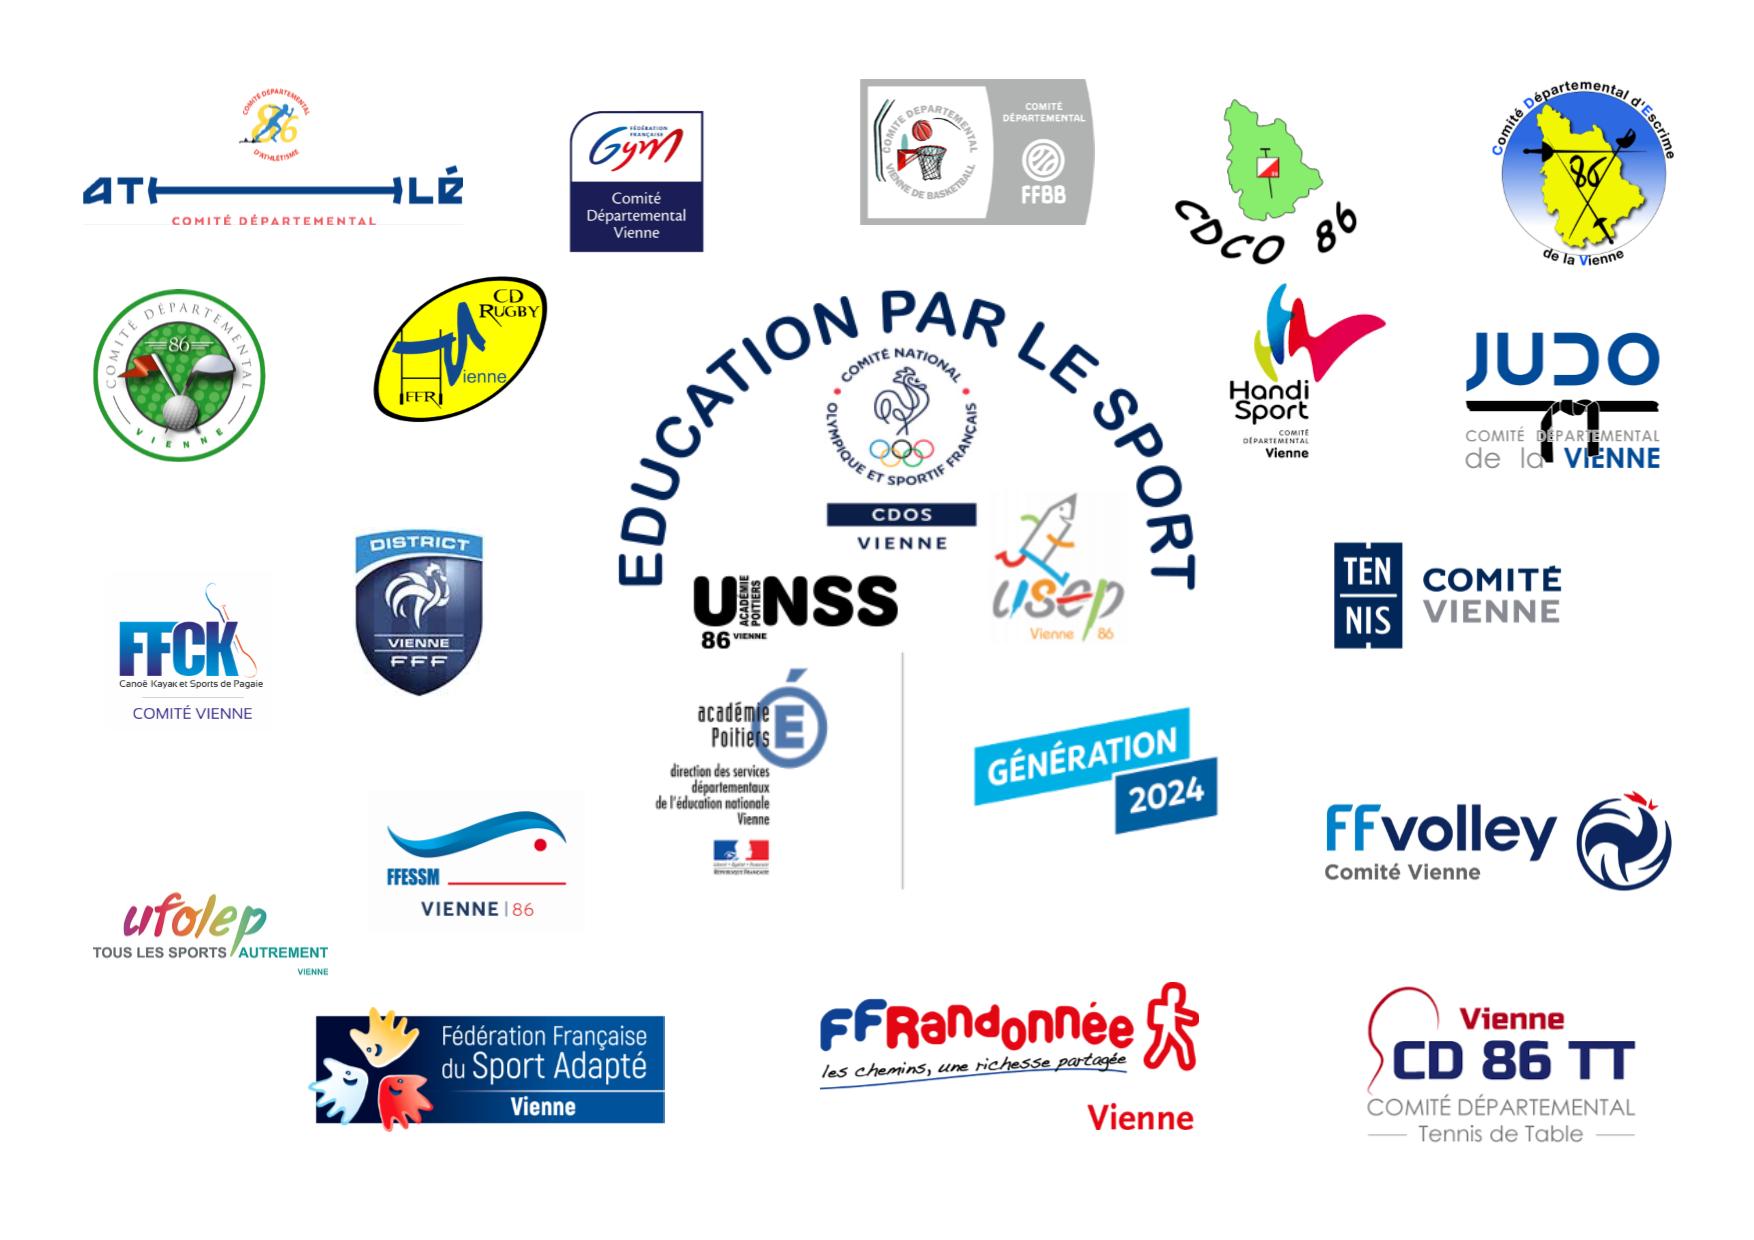 Les 19 comités départementaux sportifs qui s'engagent